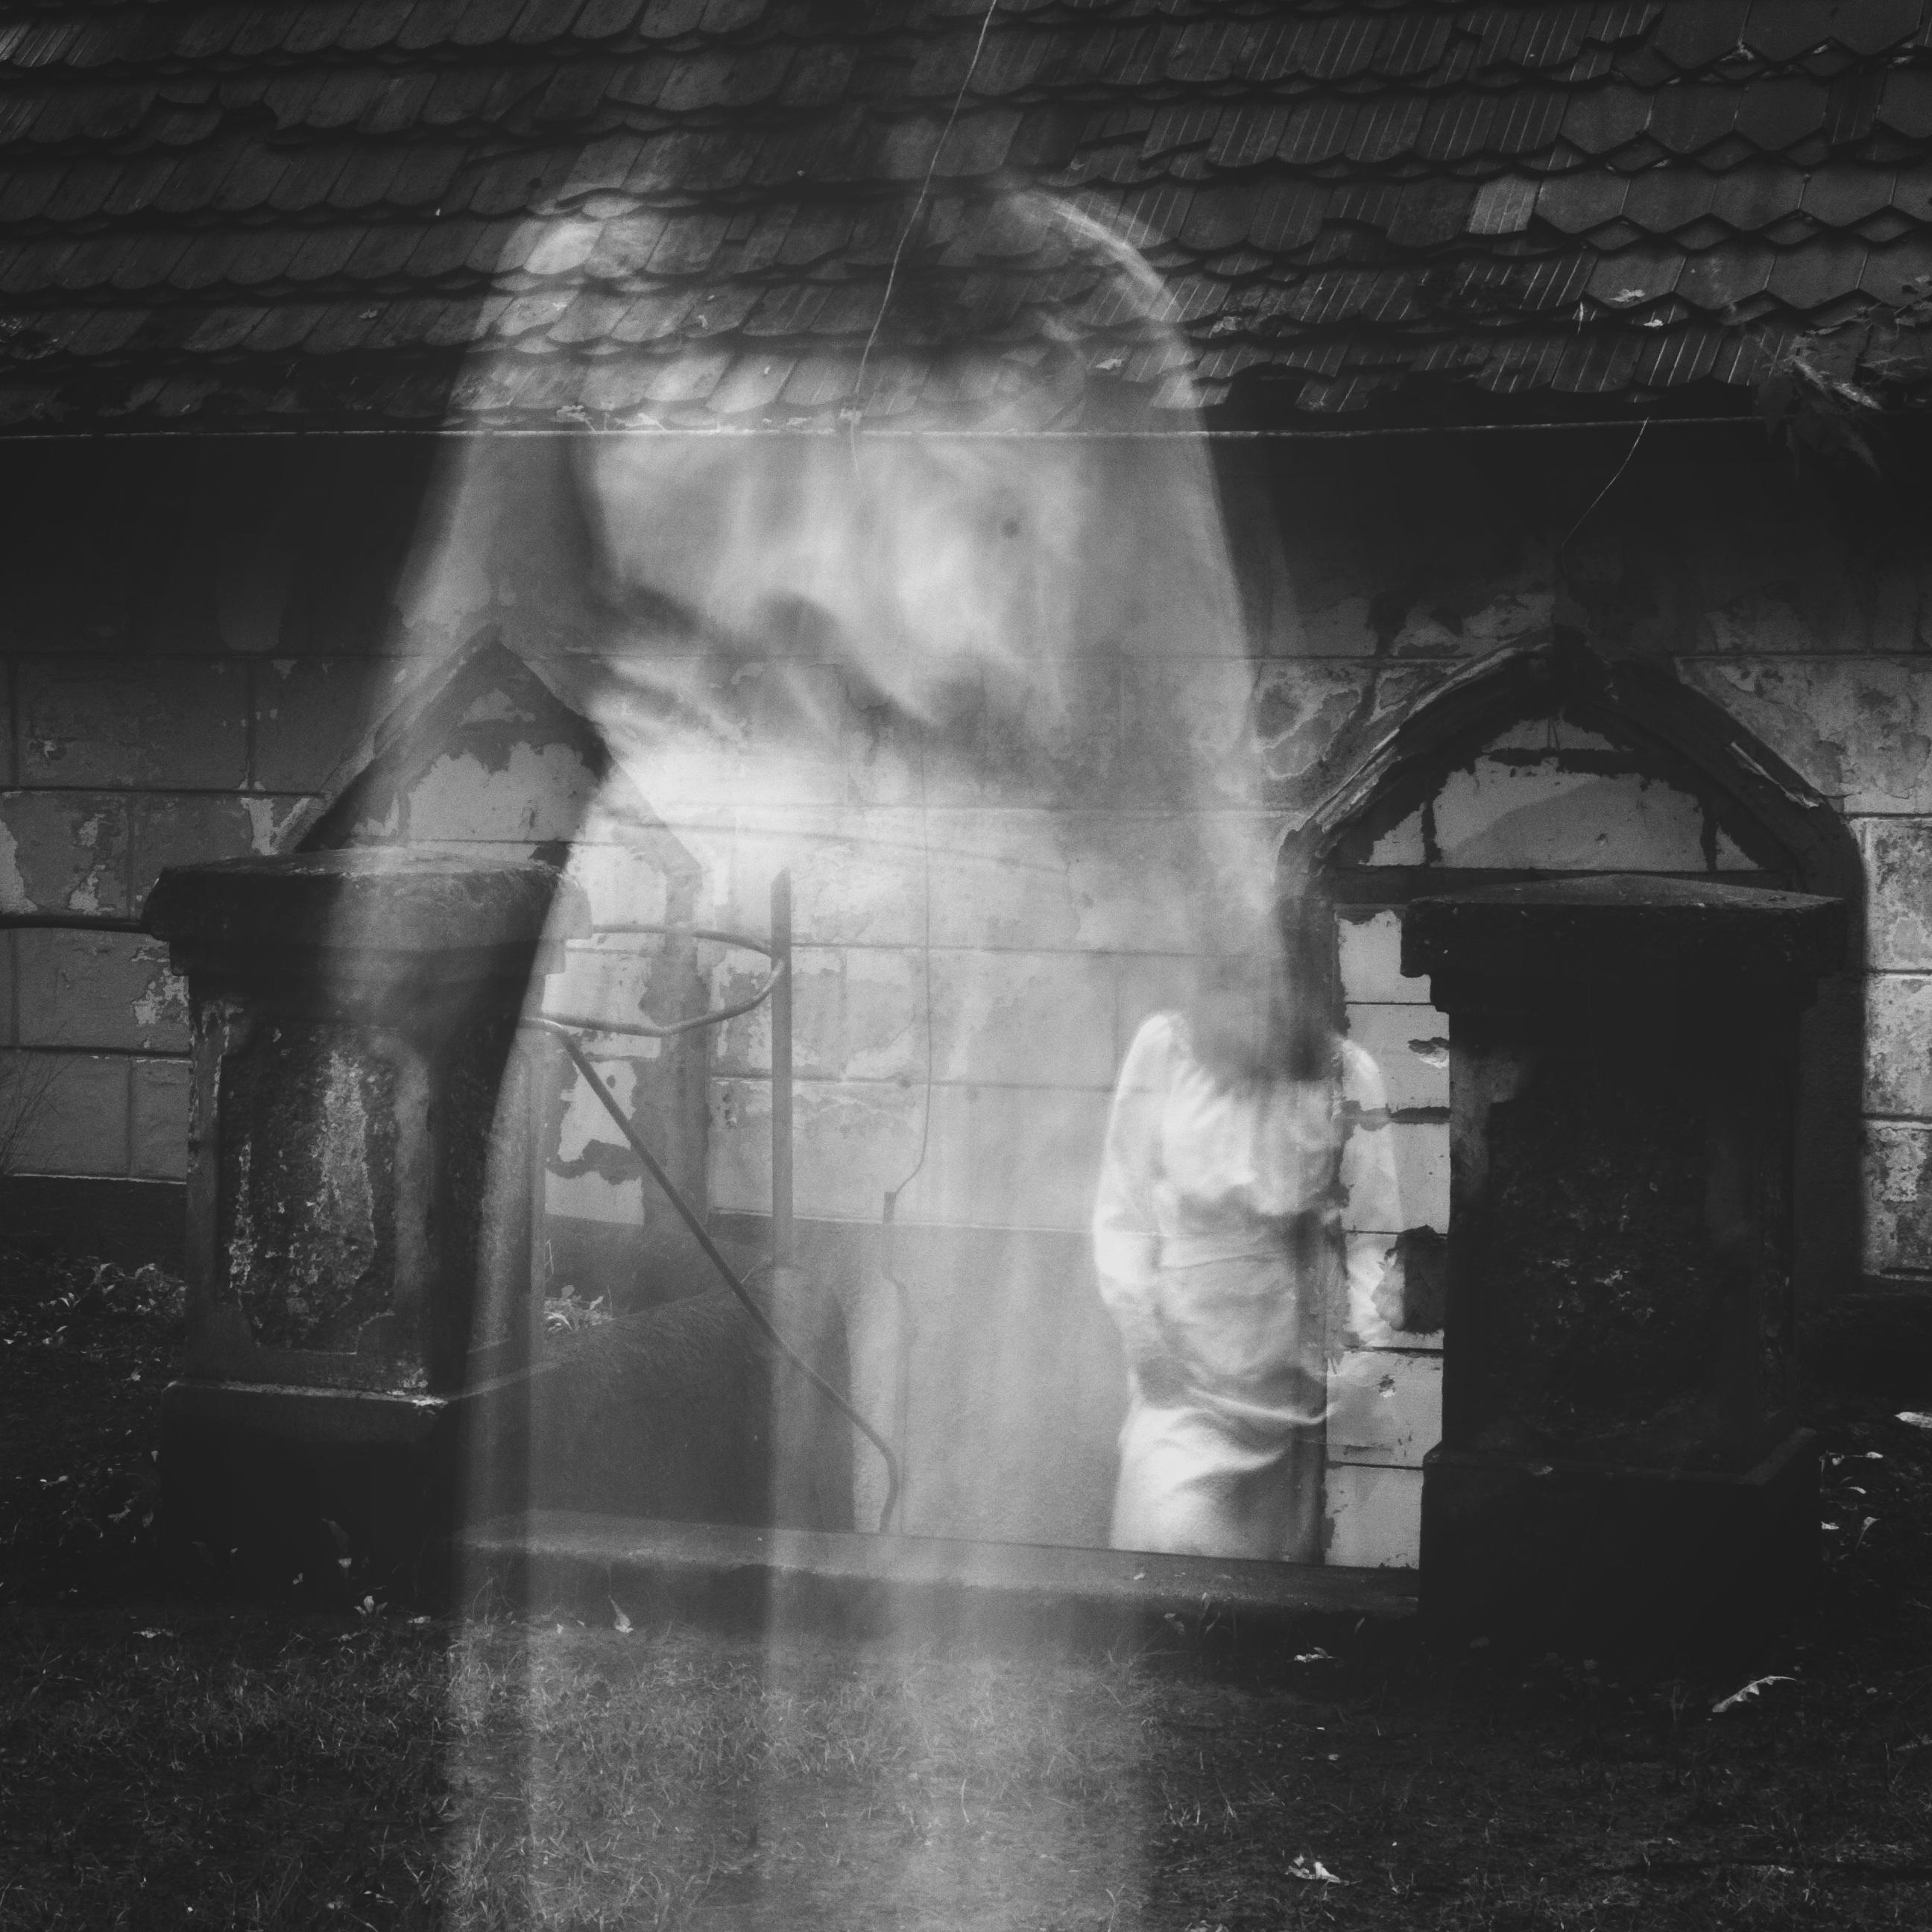 картинки с духами и призраками экземпляр любимого